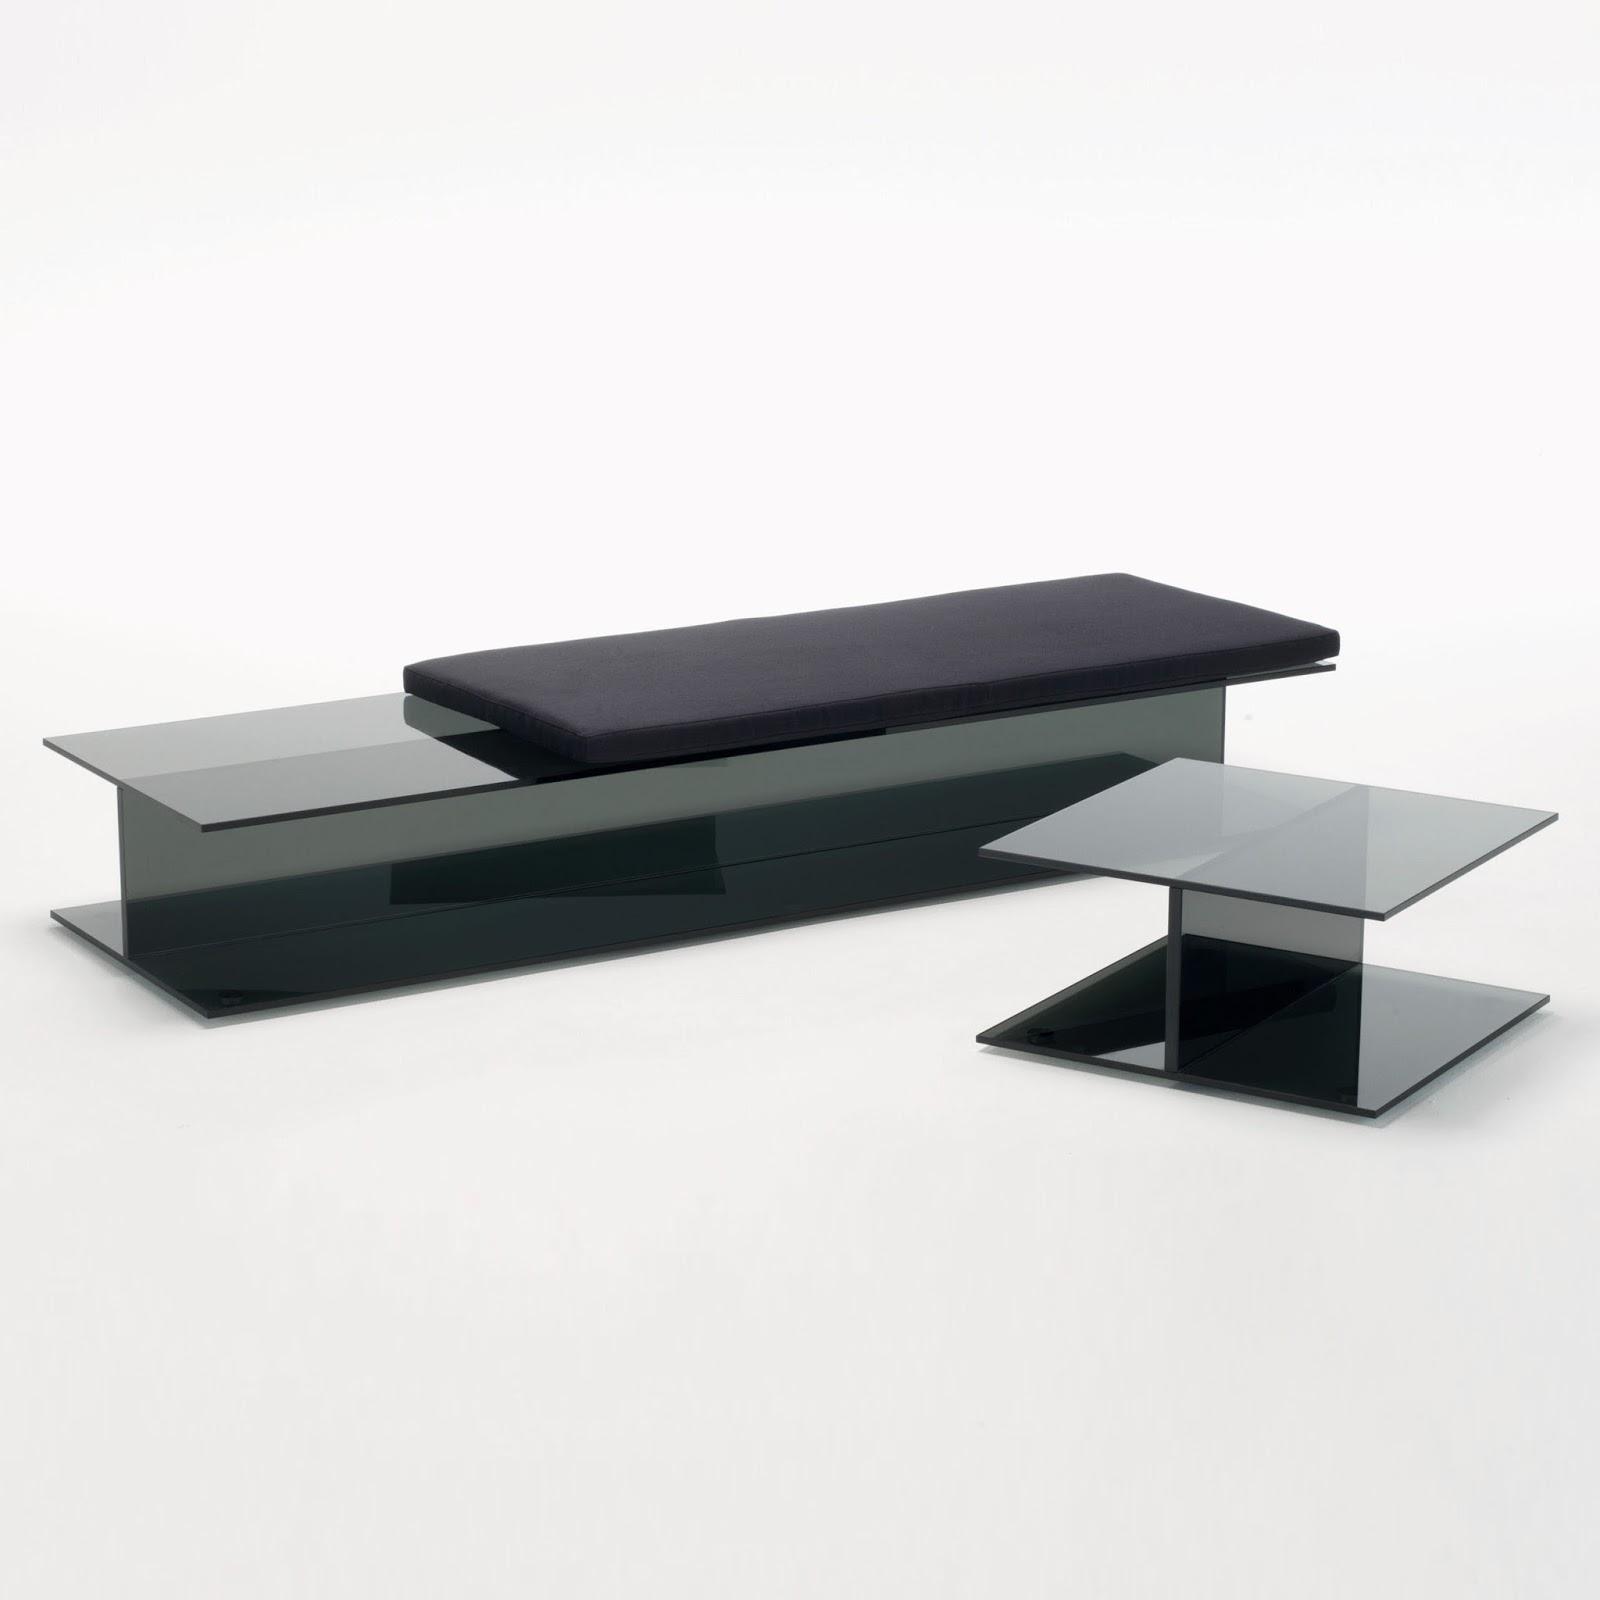 glas italia minimalist black i beam ultra modern entryway